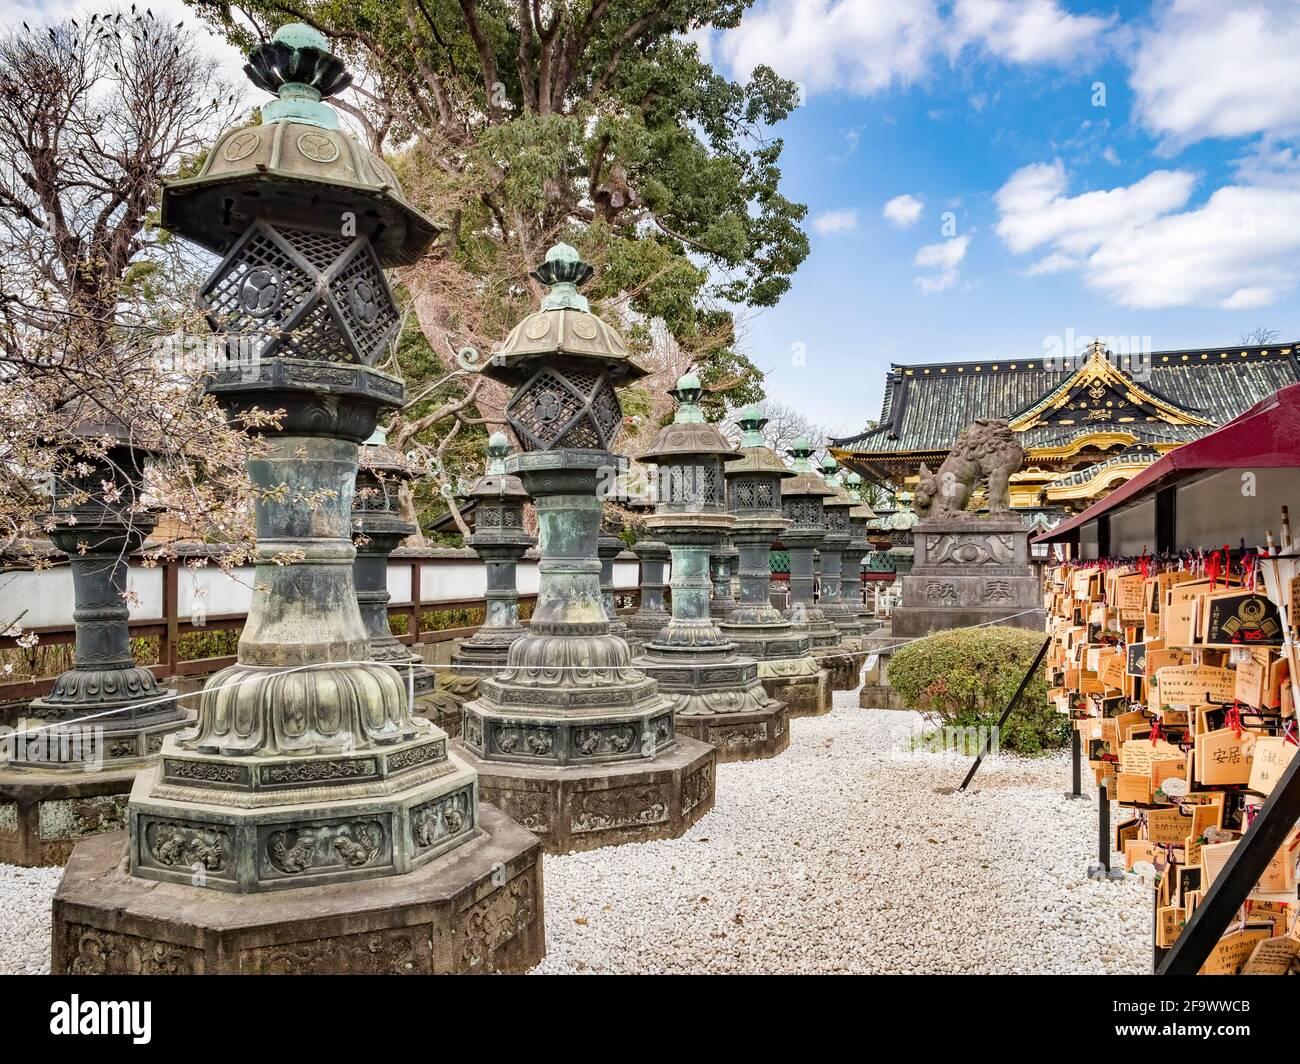 Linternas de bronce en el santuario sintoísta Ueno Toshogu en el parque Ueno Onshi, Tokio, Japón, en primavera. Foto de stock